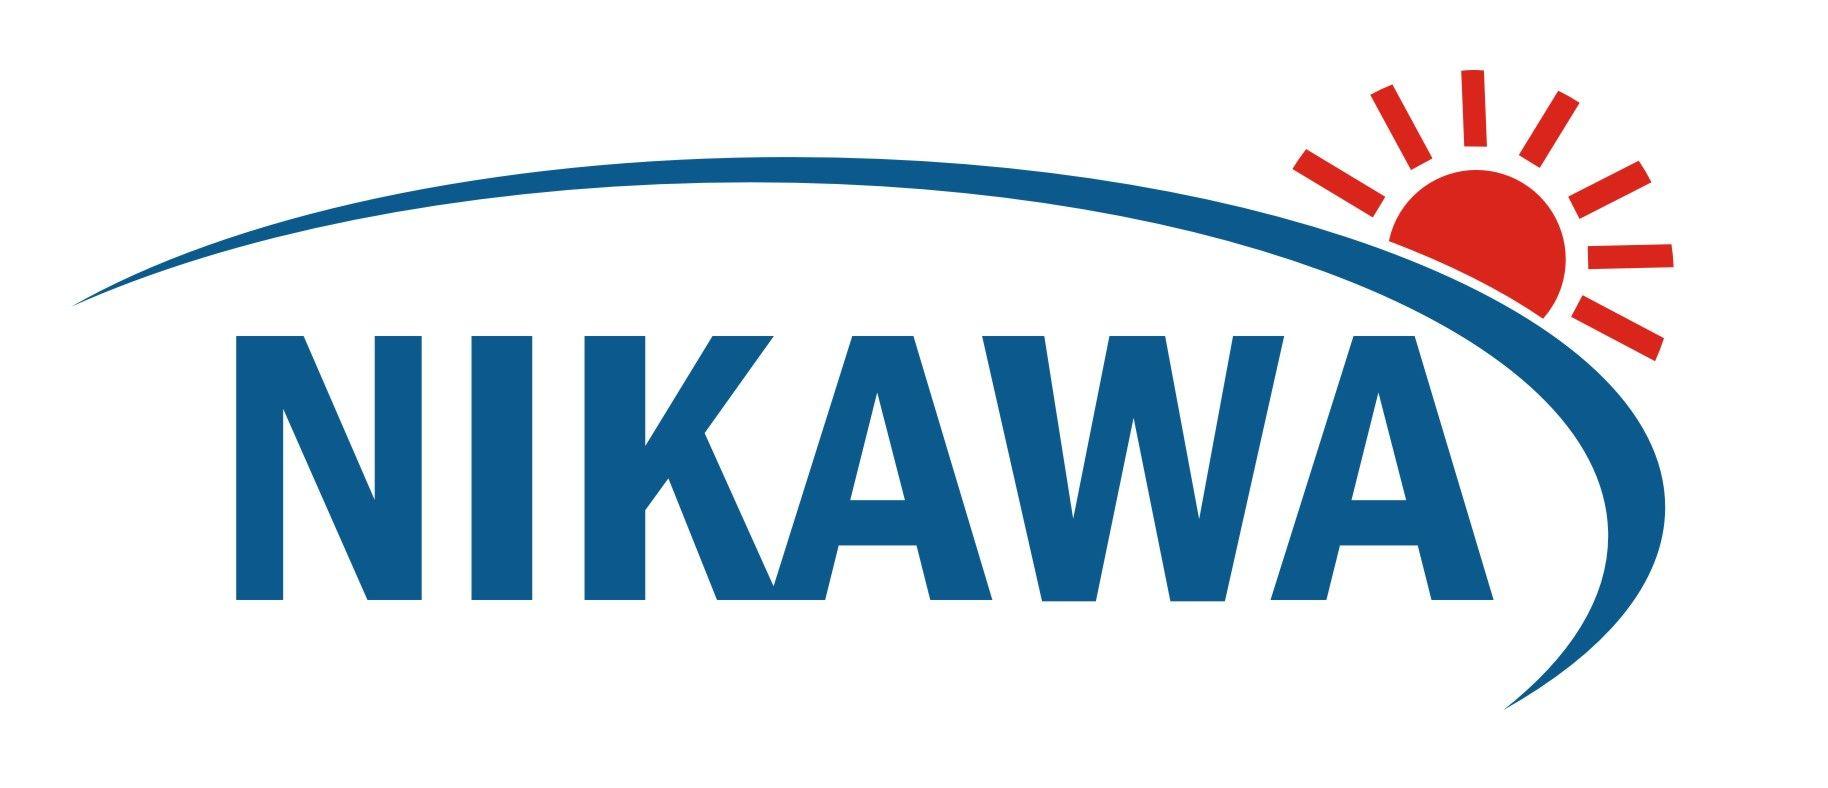 Thang nhôm Nikawa - Được sản xuất theo dây truyền công nghệ Nhật Bản đạt tiêu chuẩn chất lượng Châu Âu . Sản phẩm vì sự an toàn của bạn  http://nikawa.vn